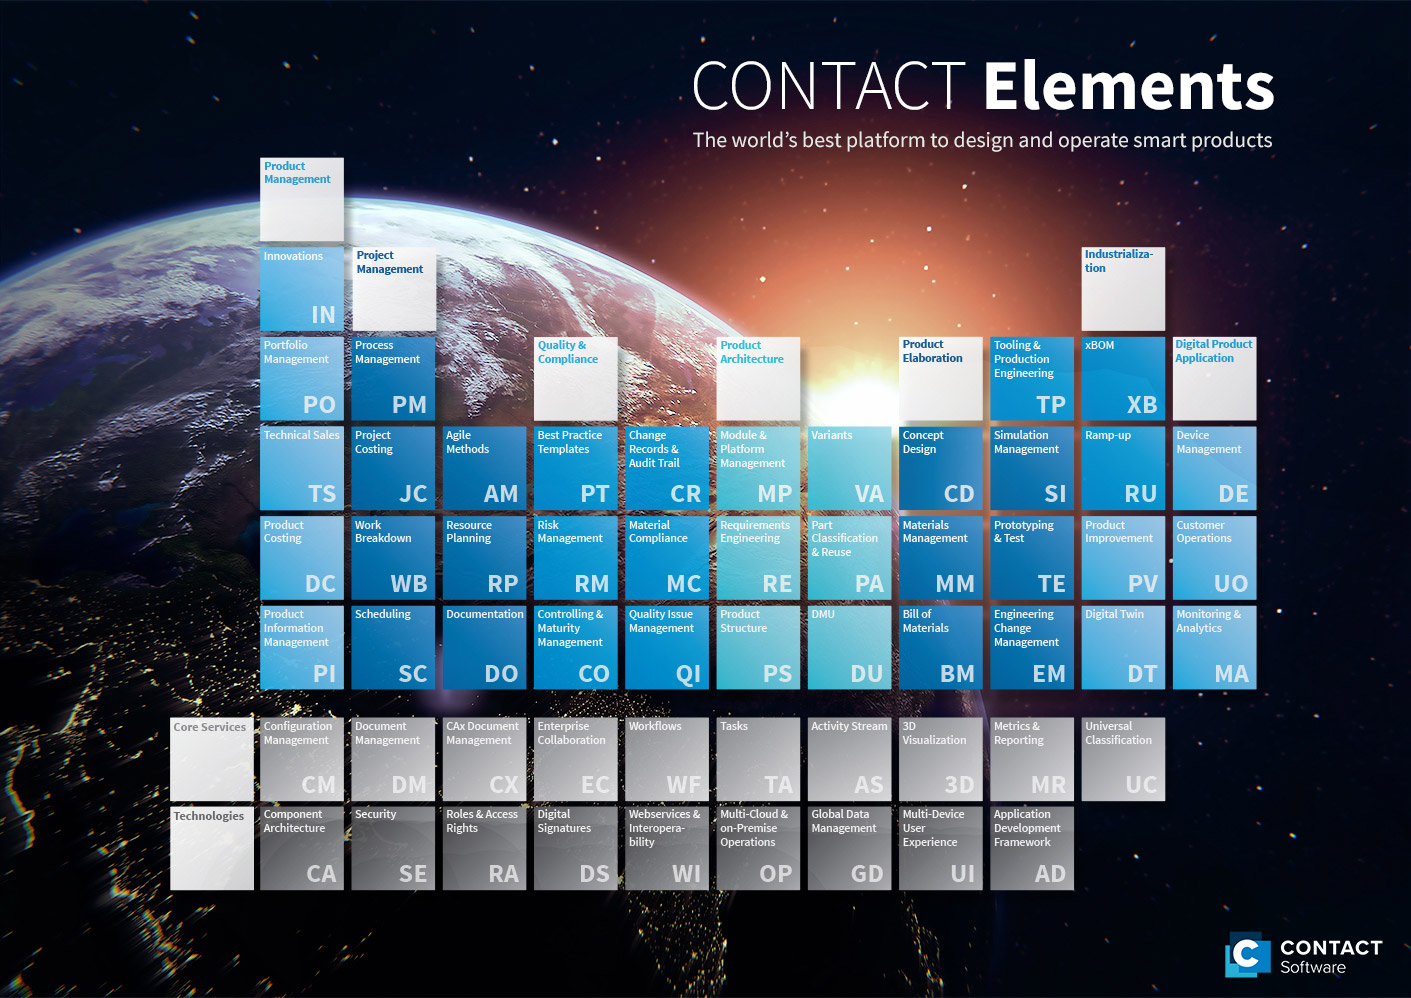 Neues CONTACT Elements Release: Innovative Produkte schneller auf den Markt bringen